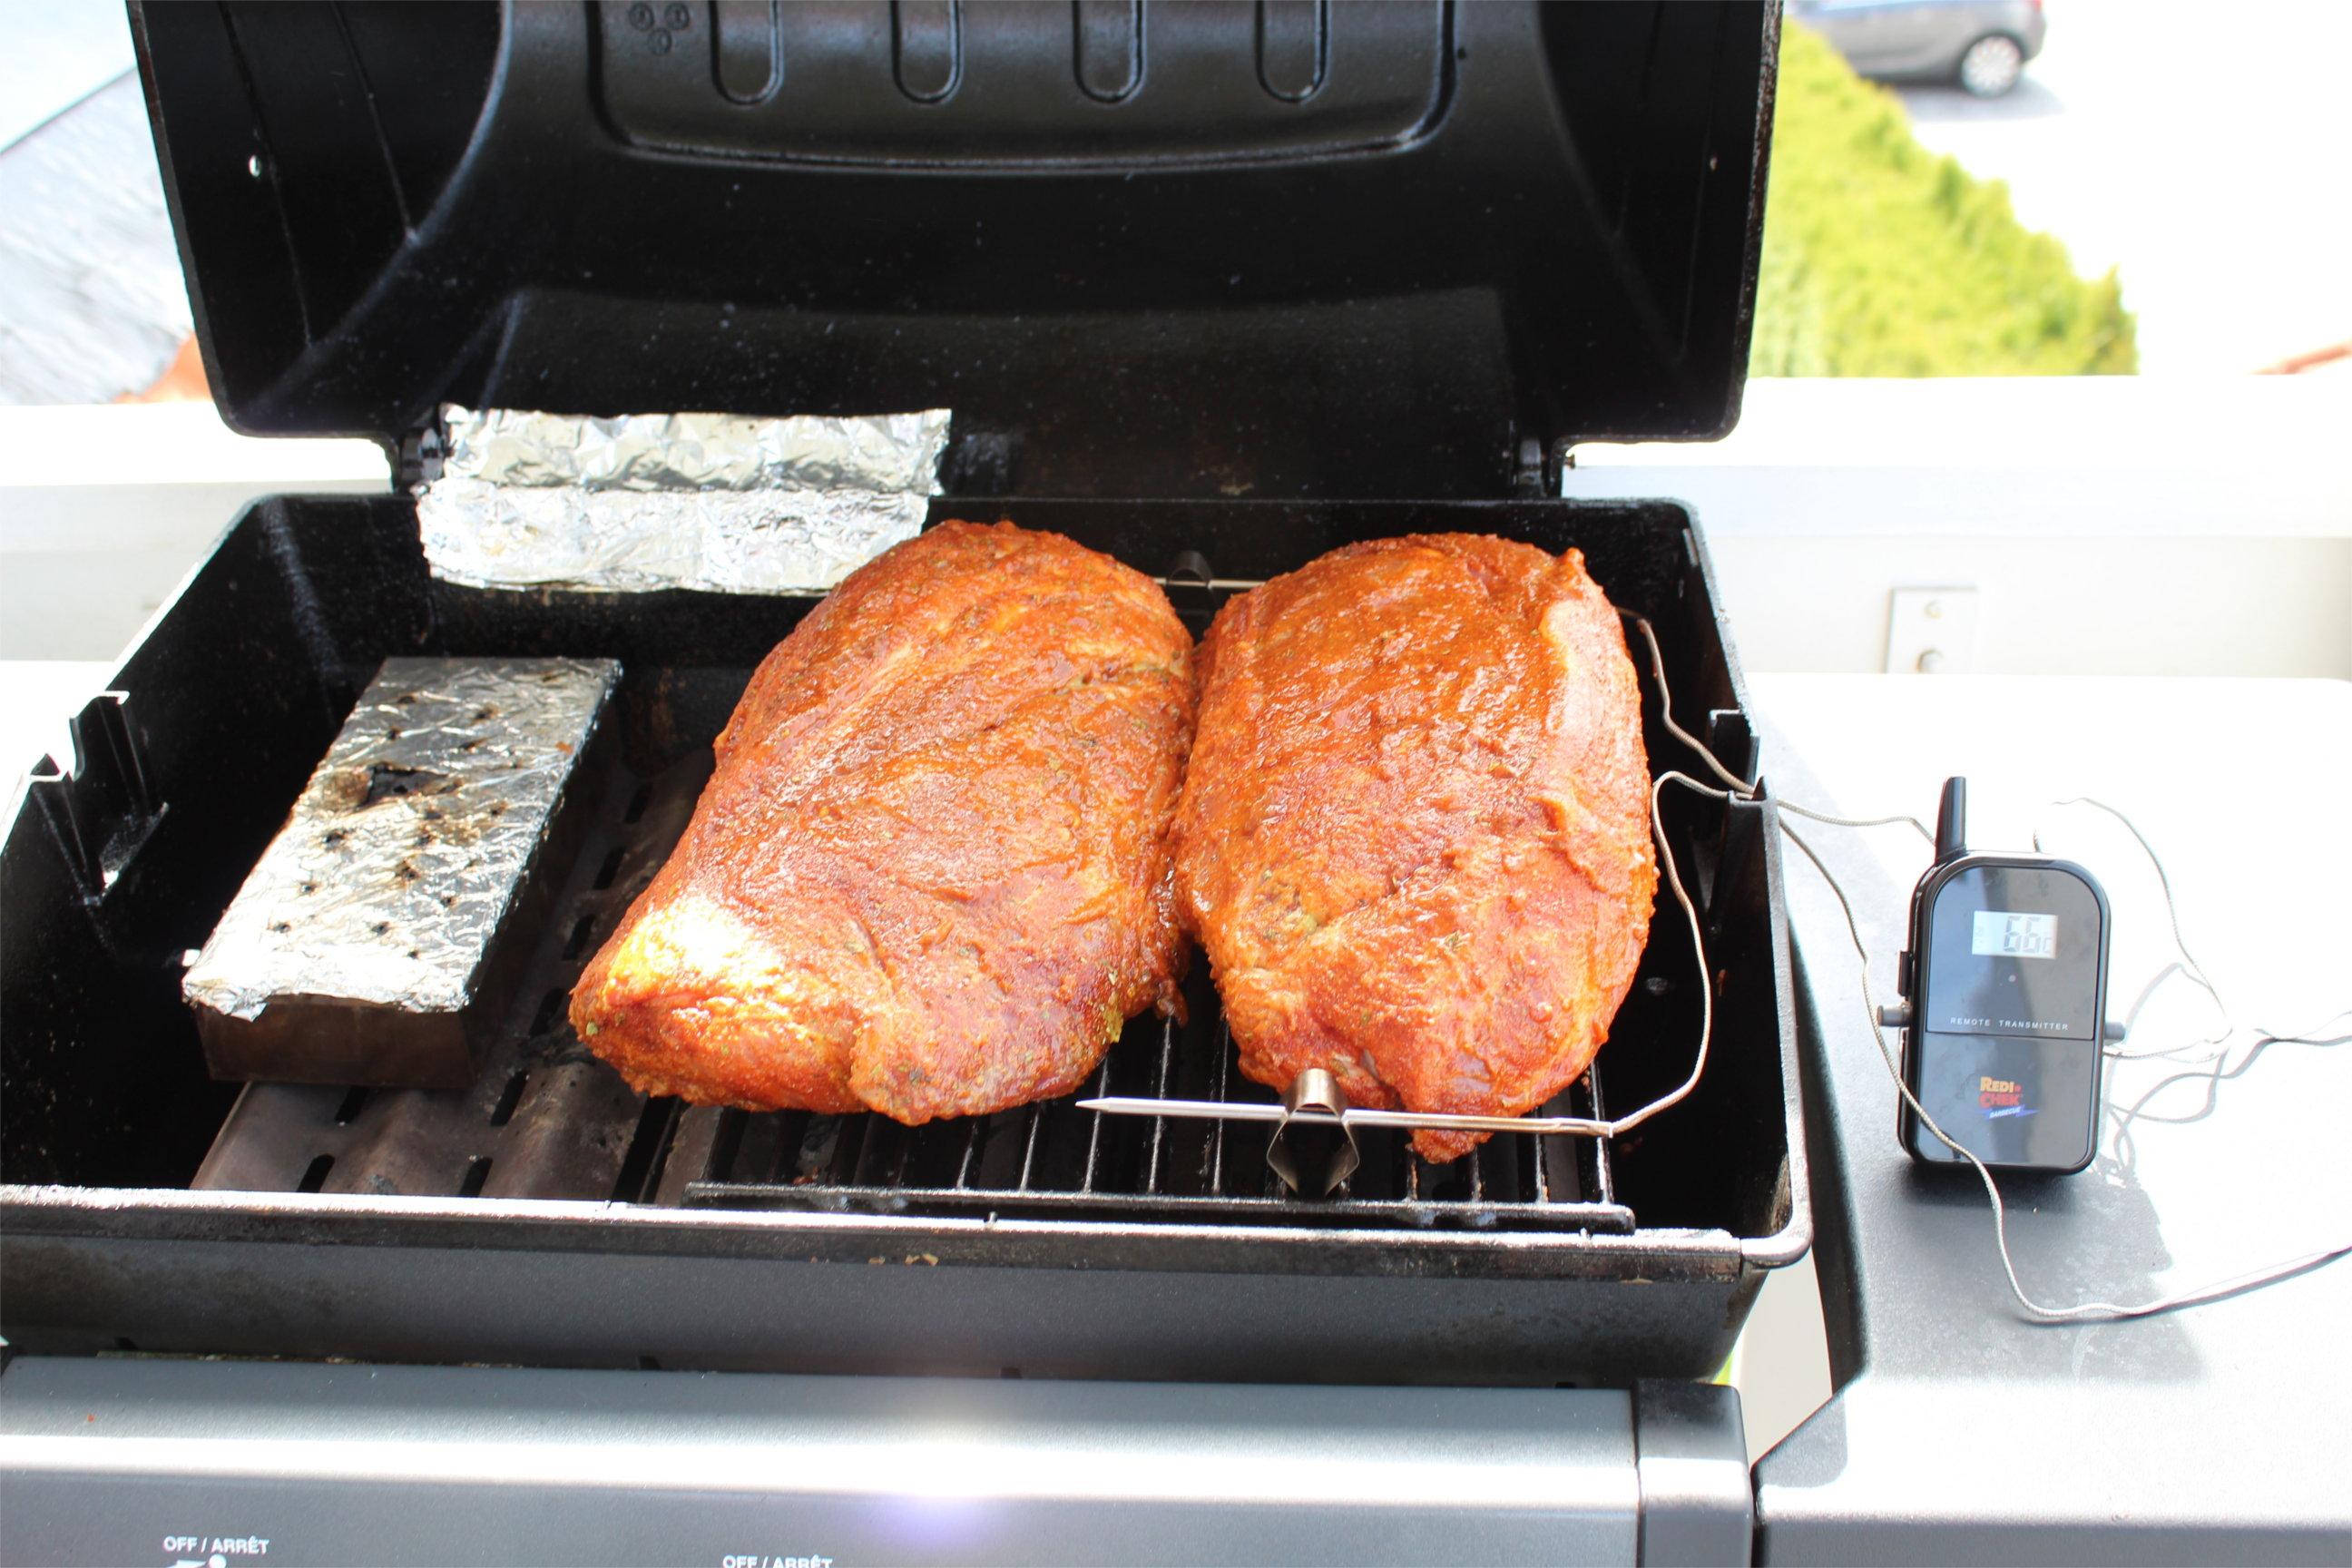 Pulled Pork Gasgrill 8 Stunden : Pulled pork texas style u übertrieben saftiges pulled pork in